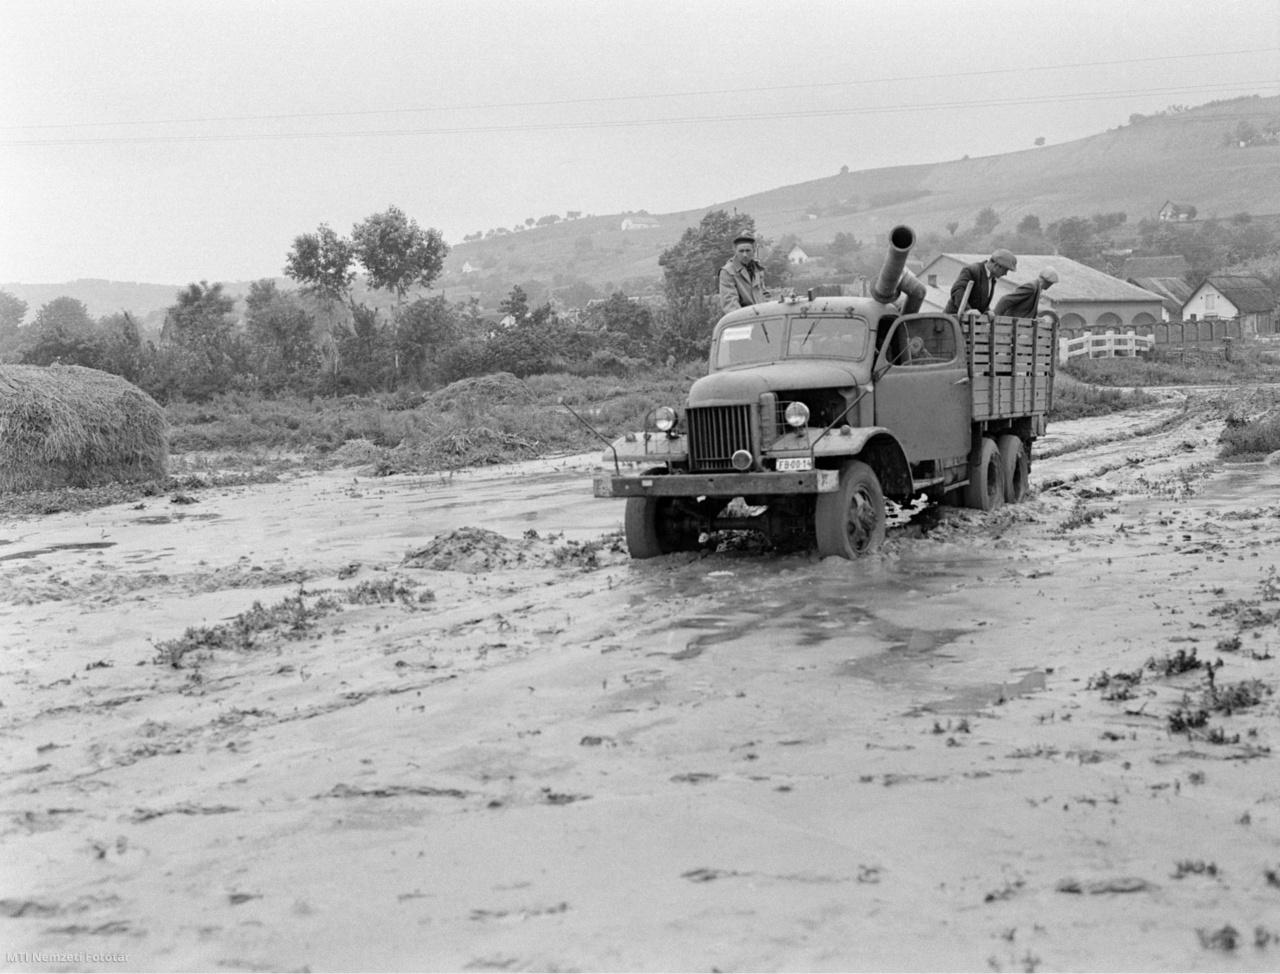 Szekszárd 1961. június 11. Nagyteljesítményű szivattyúkat szállítanak Szekszárdra , miután előző nap egy másfél órán át tartó felhőszakadás árvizet zúdított a városra.